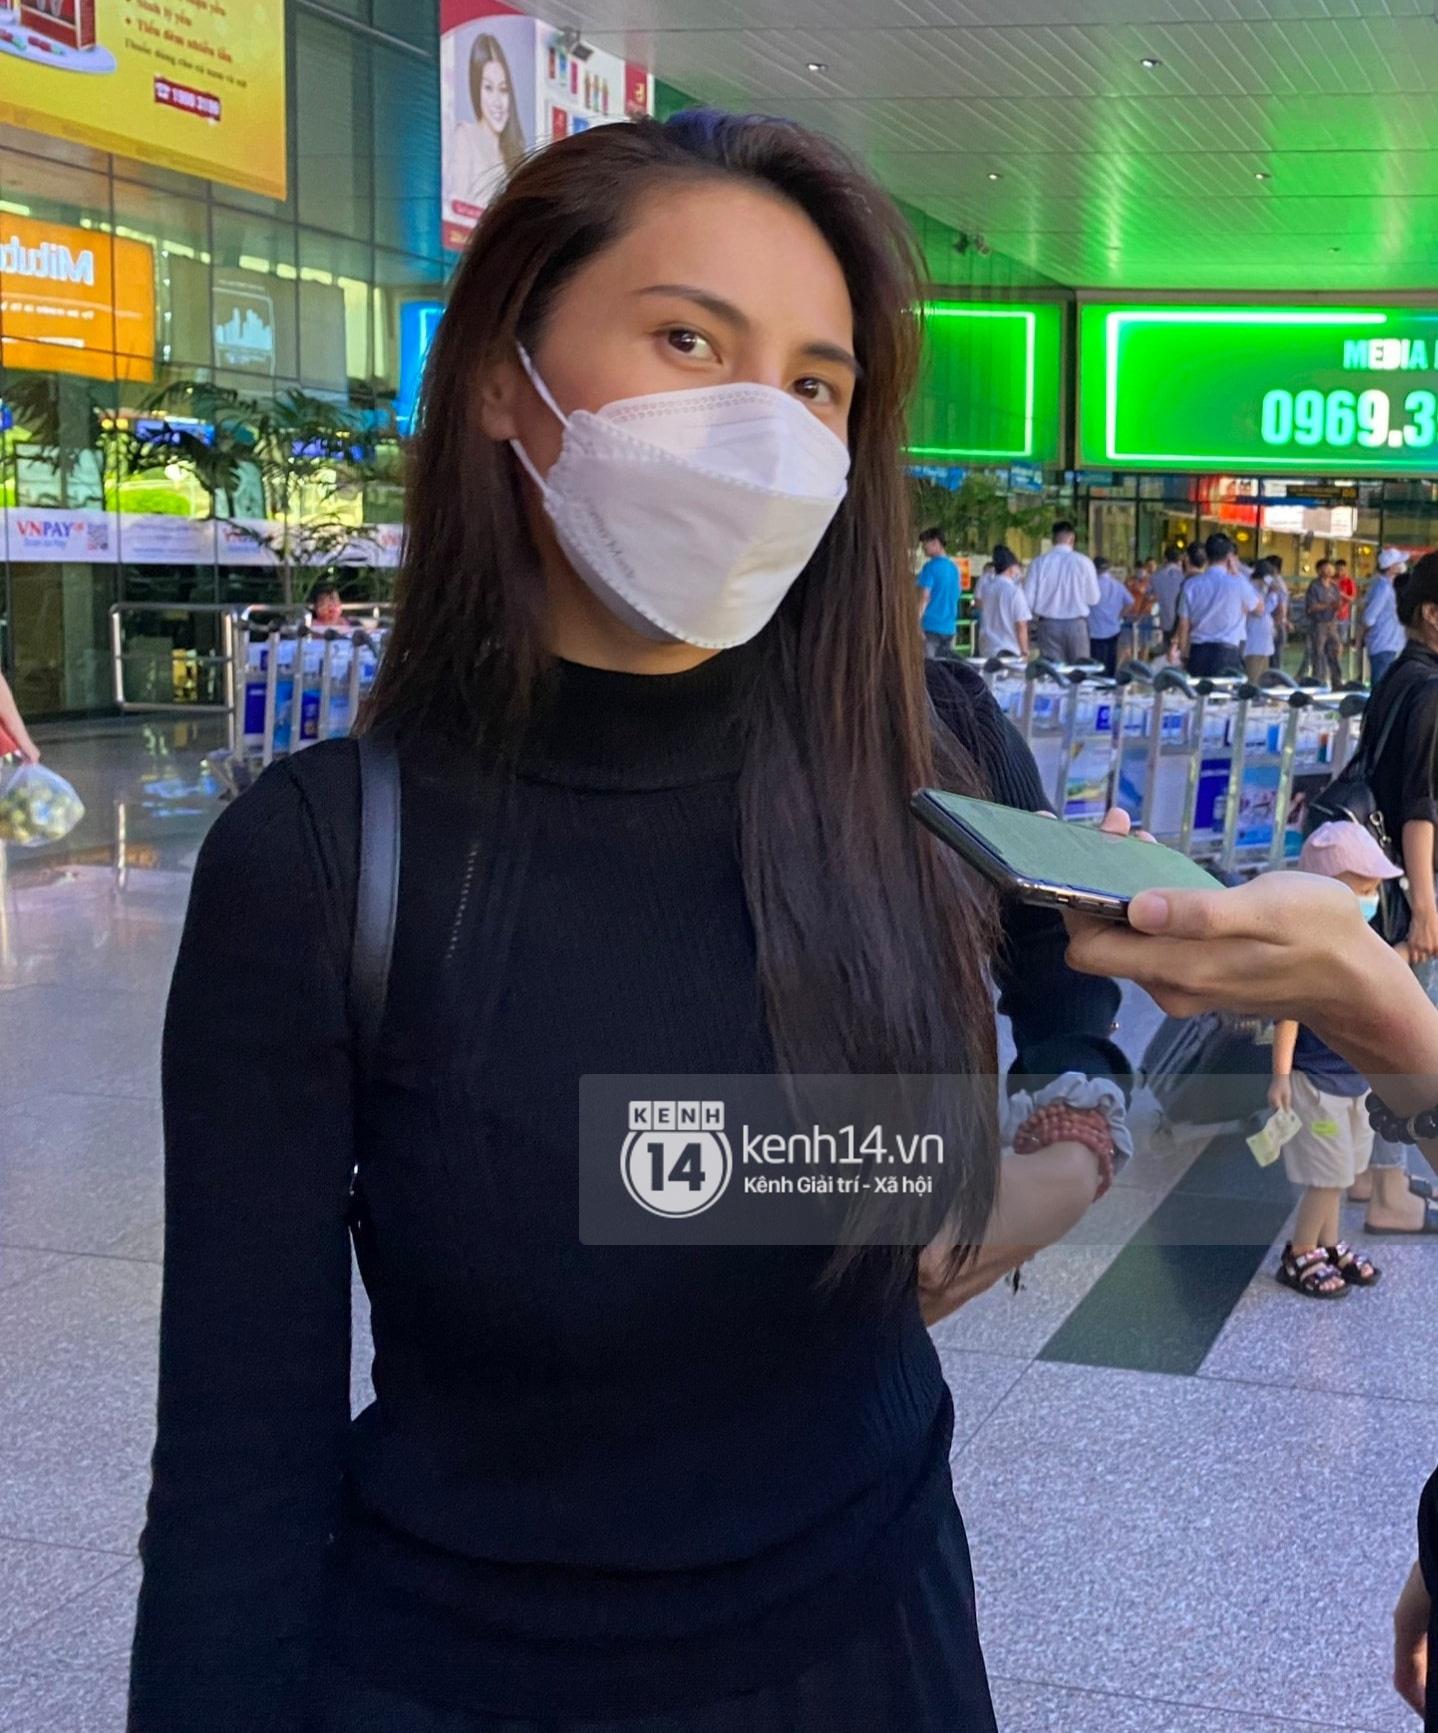 FC Thuỷ Tiên cho biết nhóm nhất trí không mua quà mà chuyển thẳng vào tài khoản Tiên để ủng hộ bà con